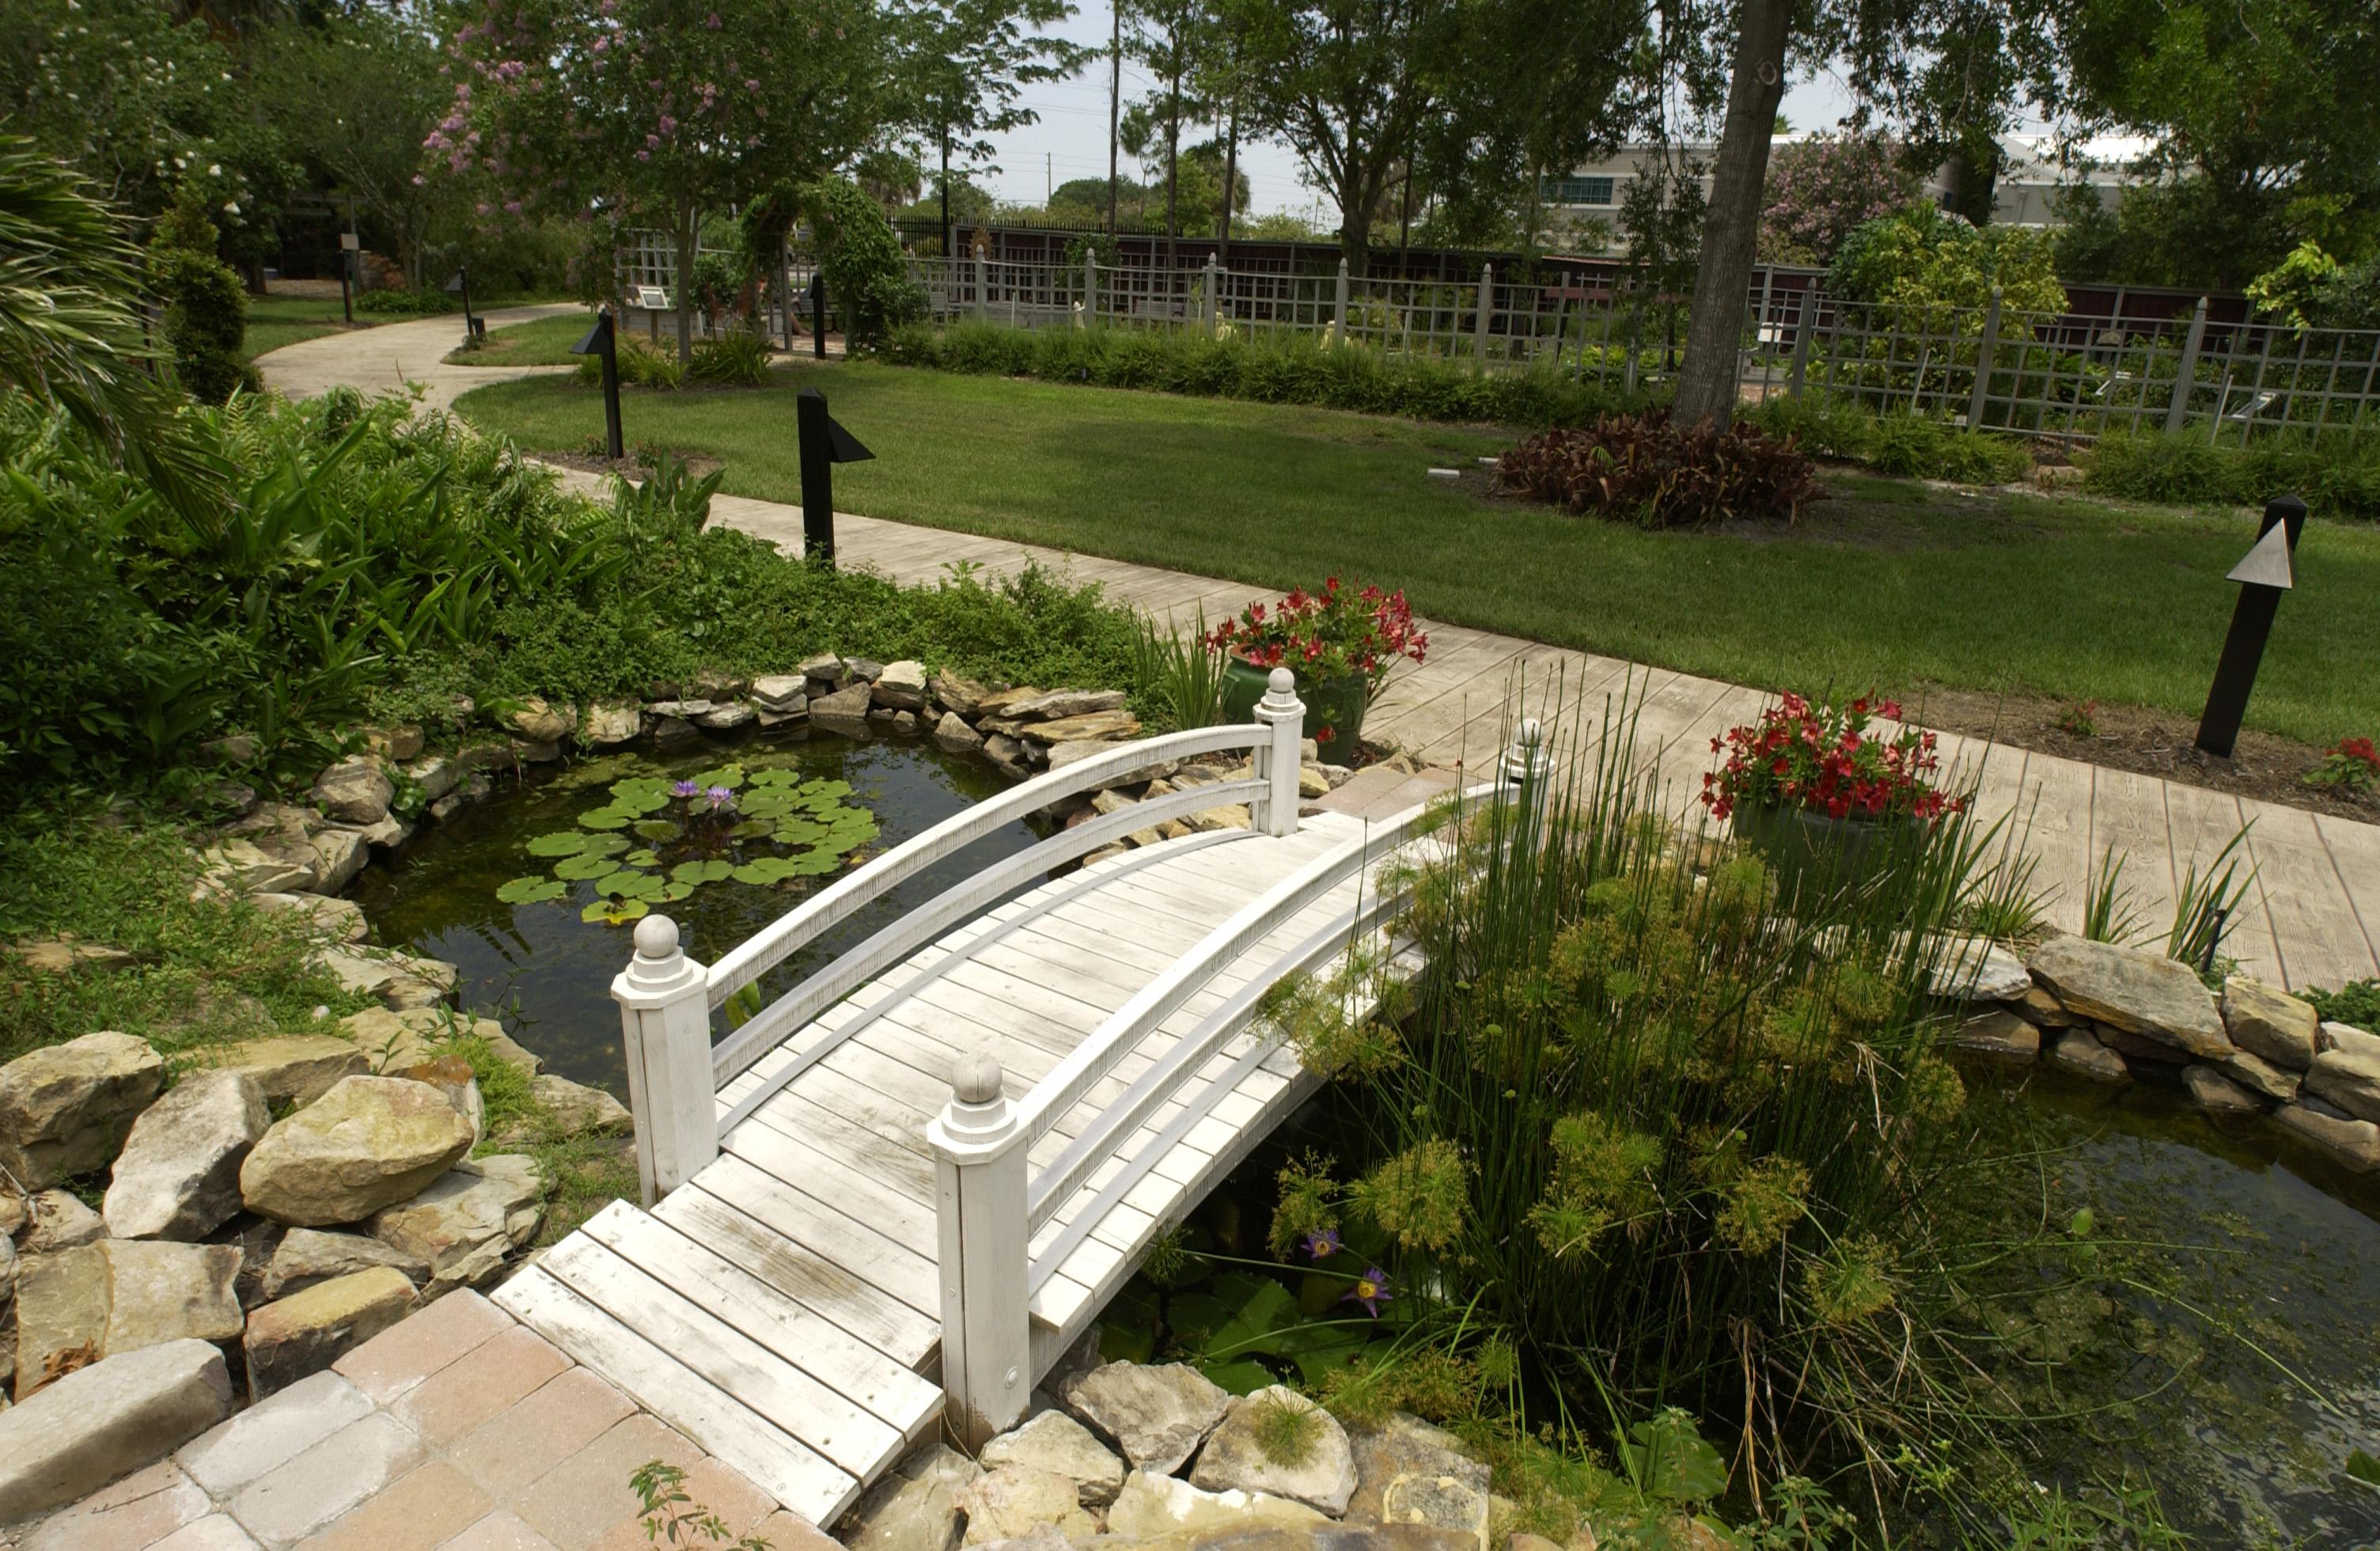 Garden Patio Ideas Pictures | Perfect Home and Garden Design